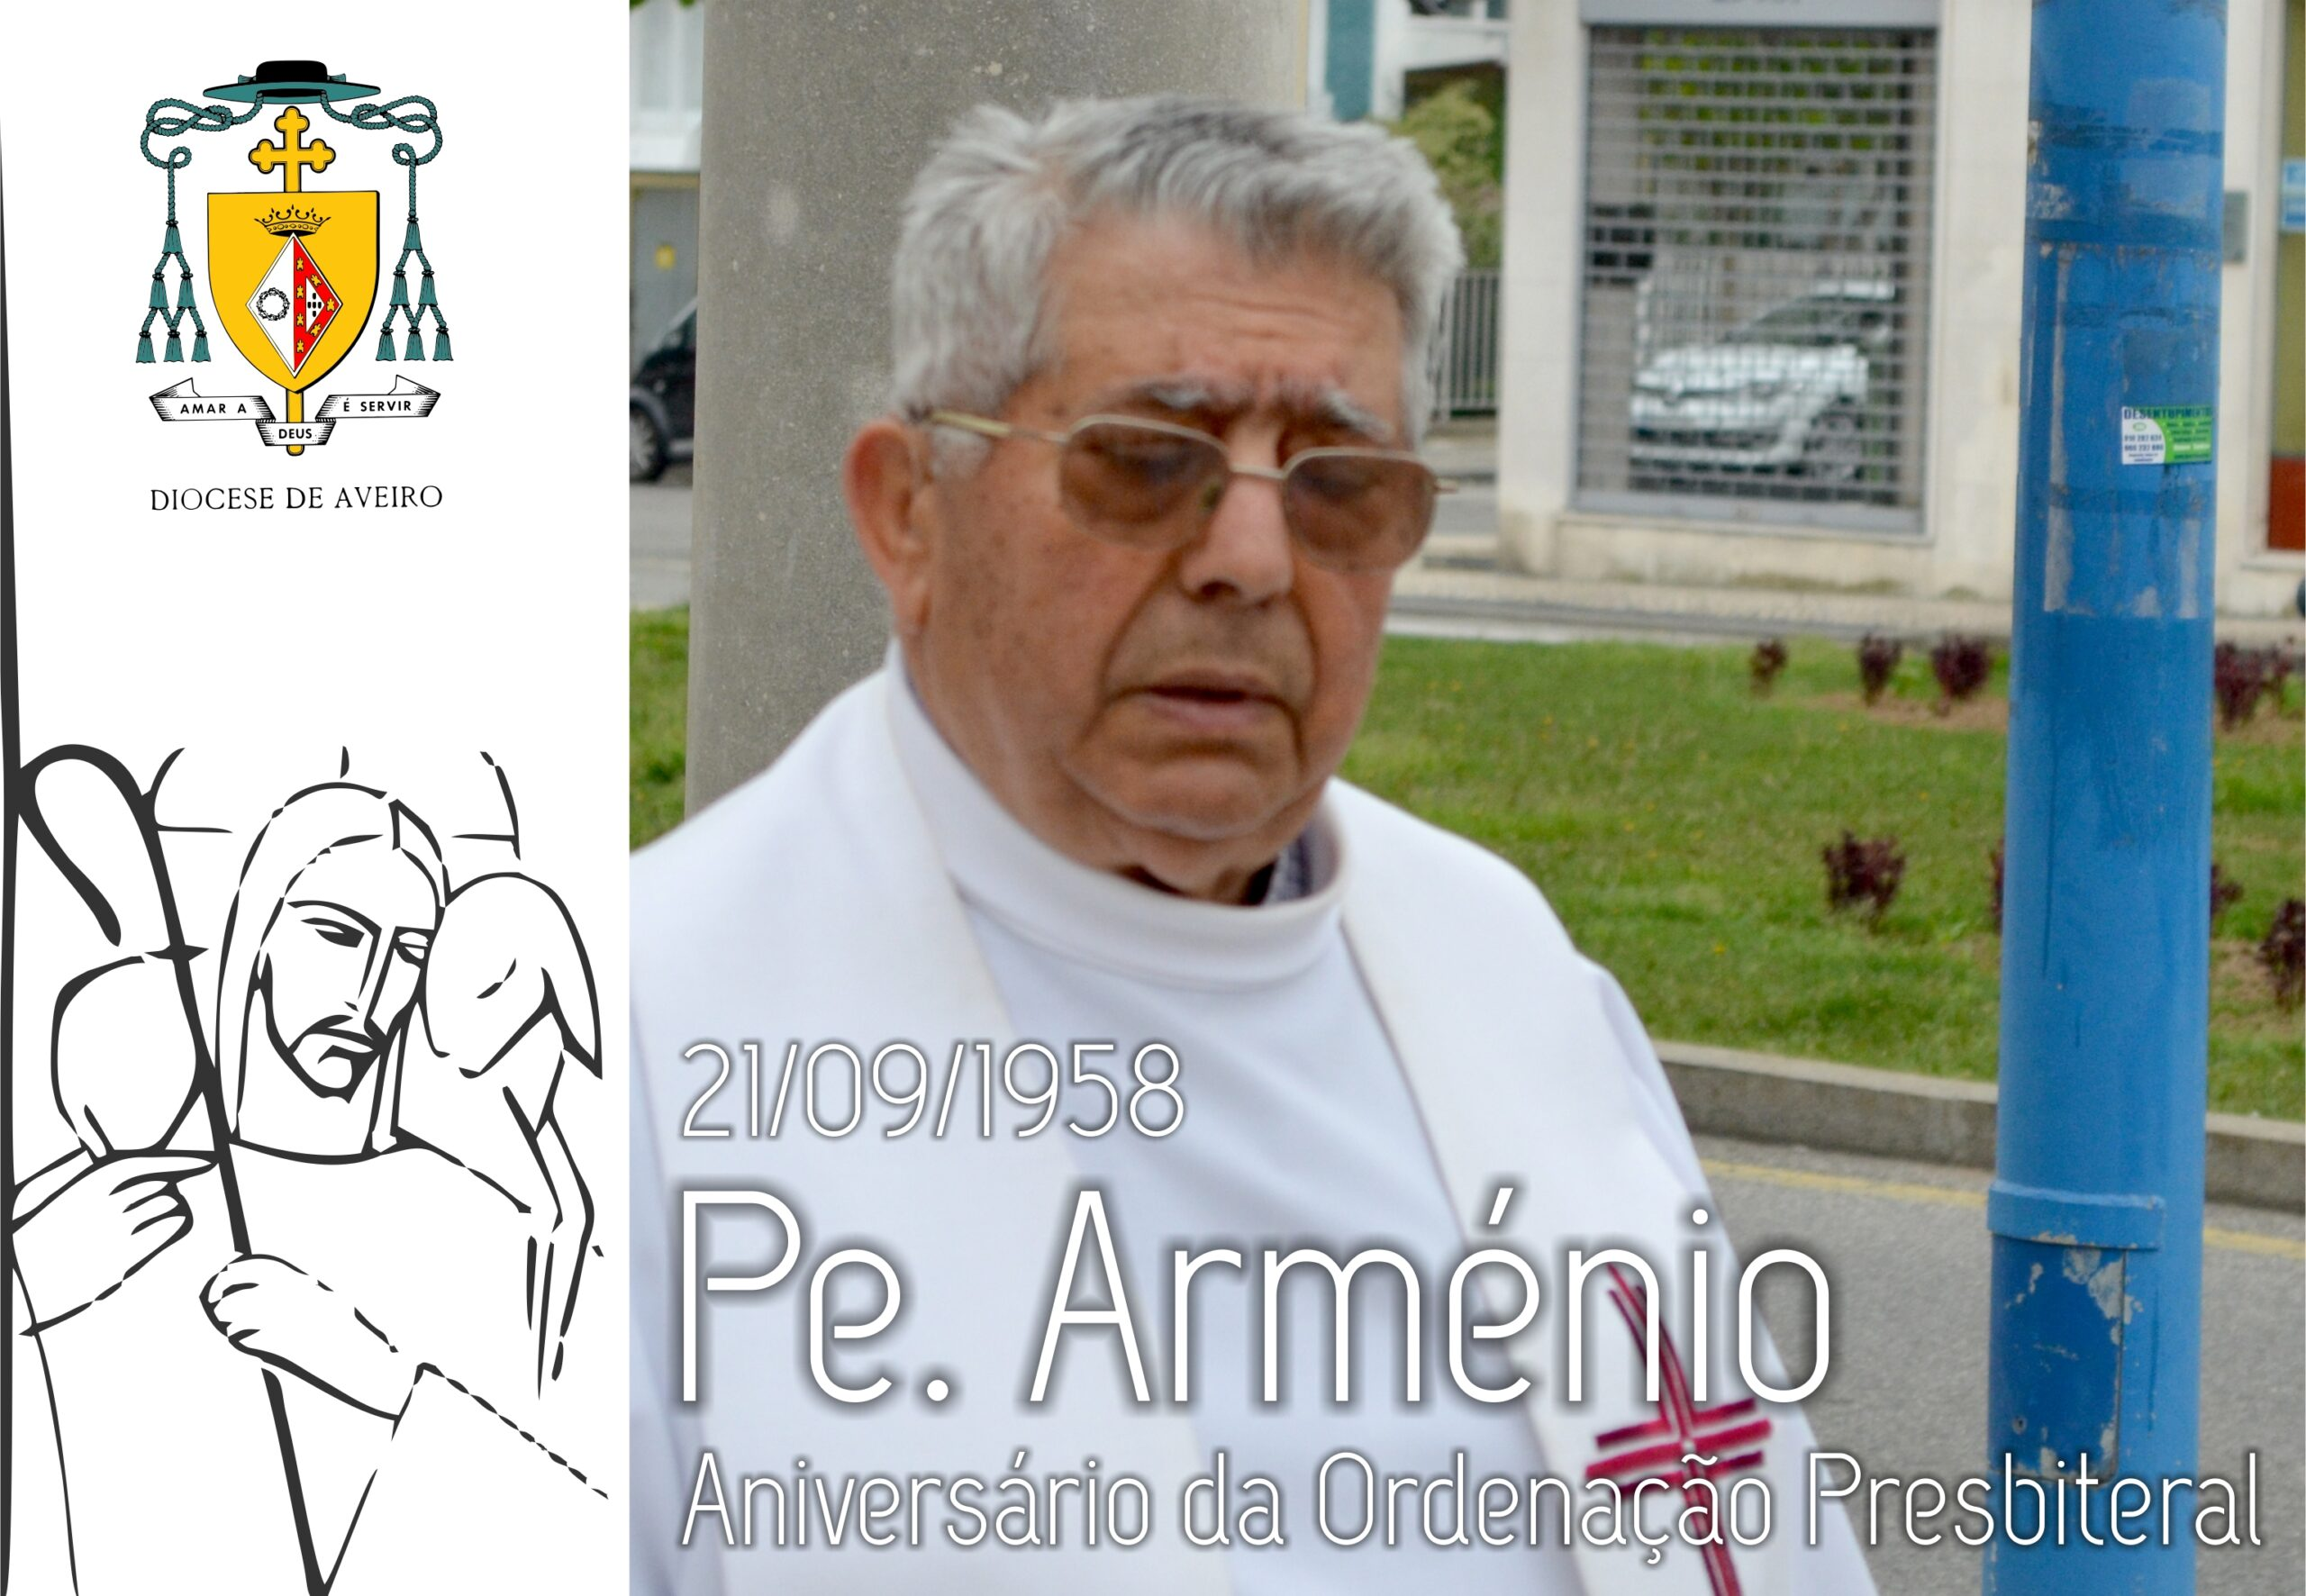 09.21_armenio